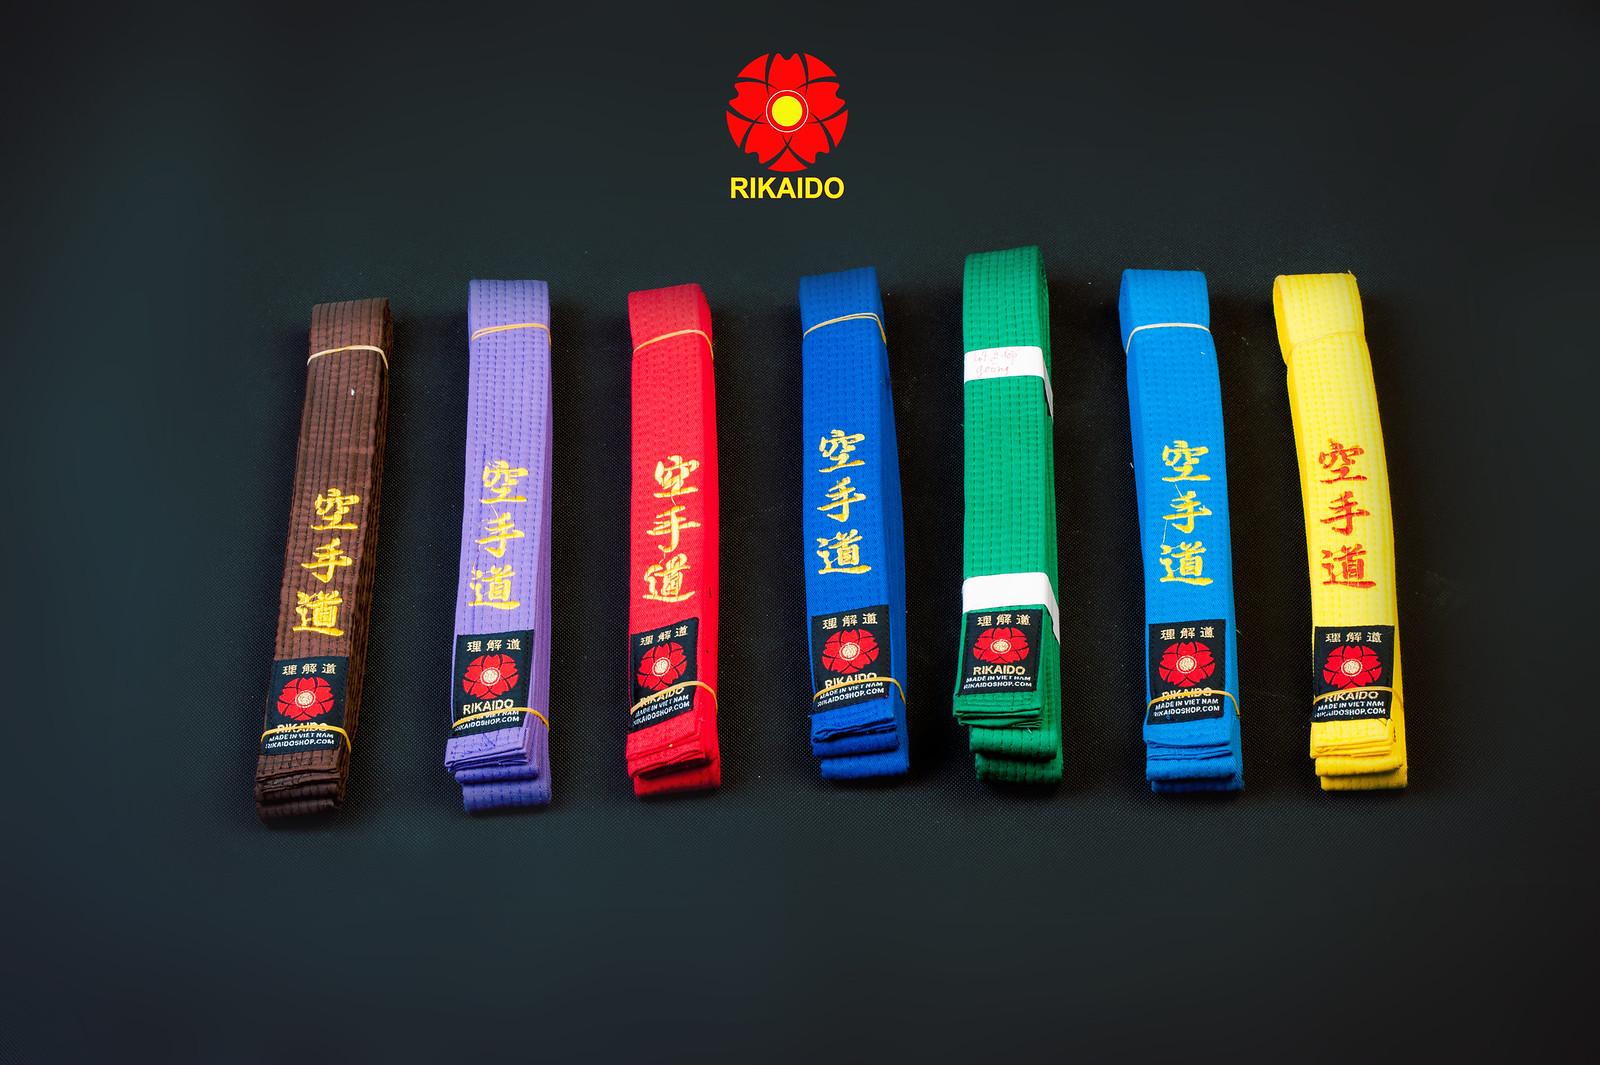 42291915950 ddd09eef2b h - Ảnh nghệ thuật karate chụp trong studio